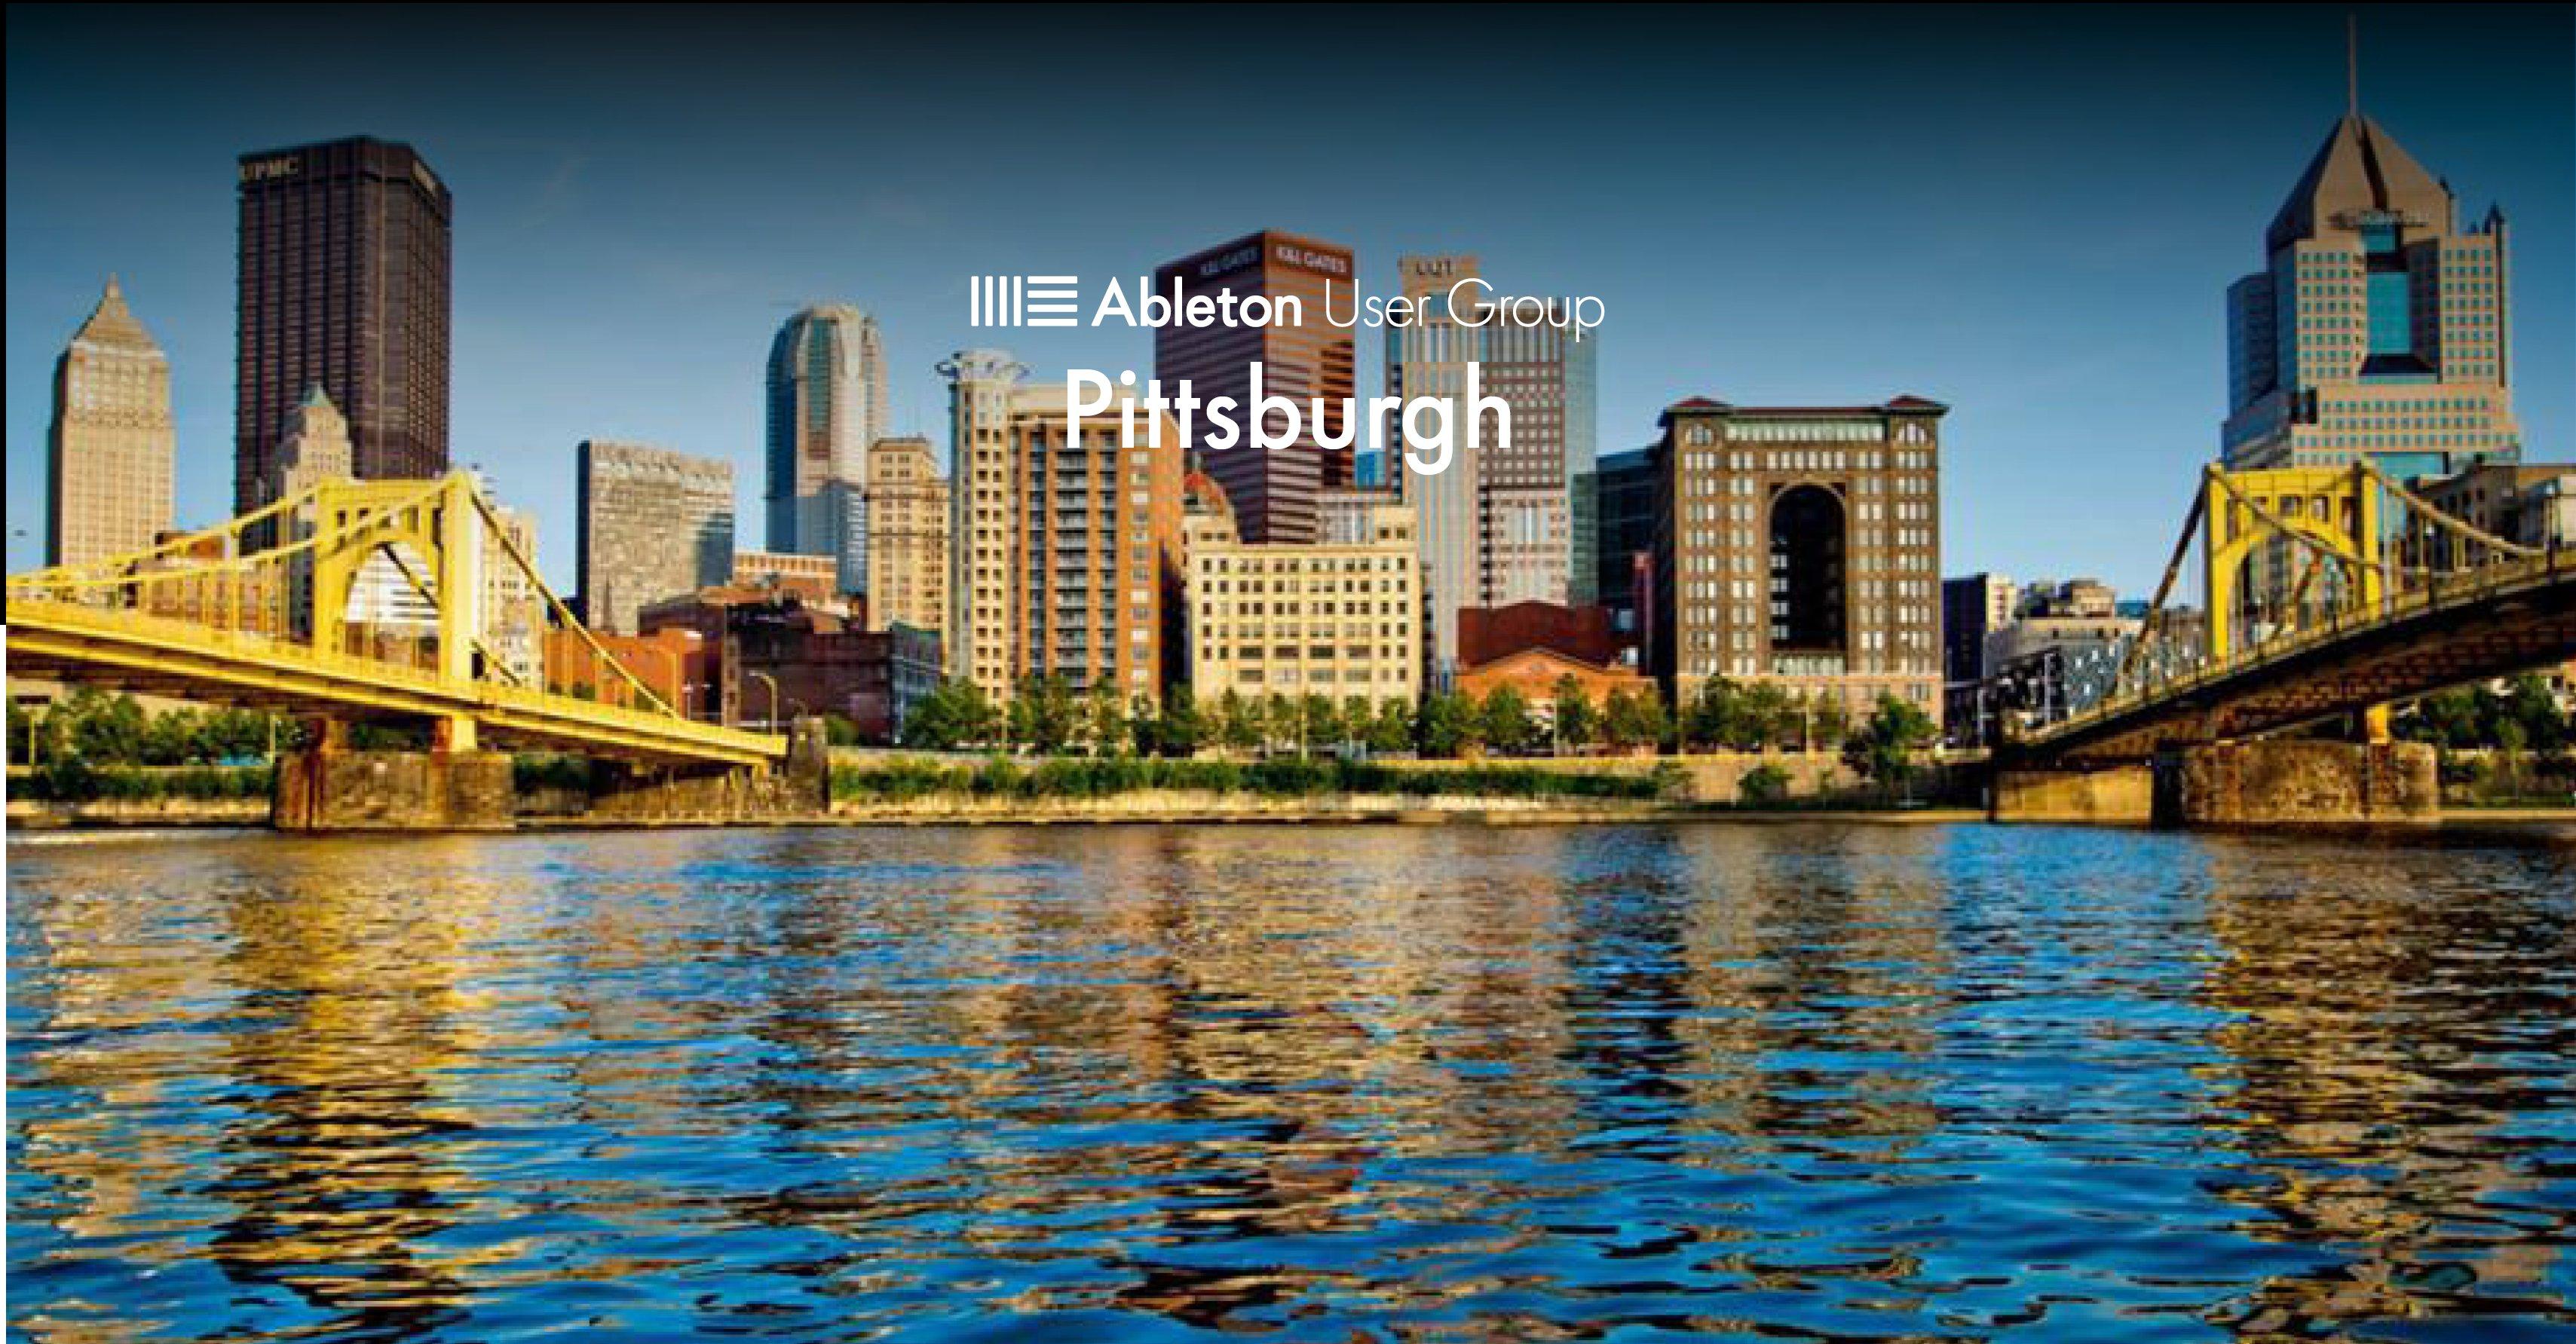 Pittsburgh Ableton UG Banner.png